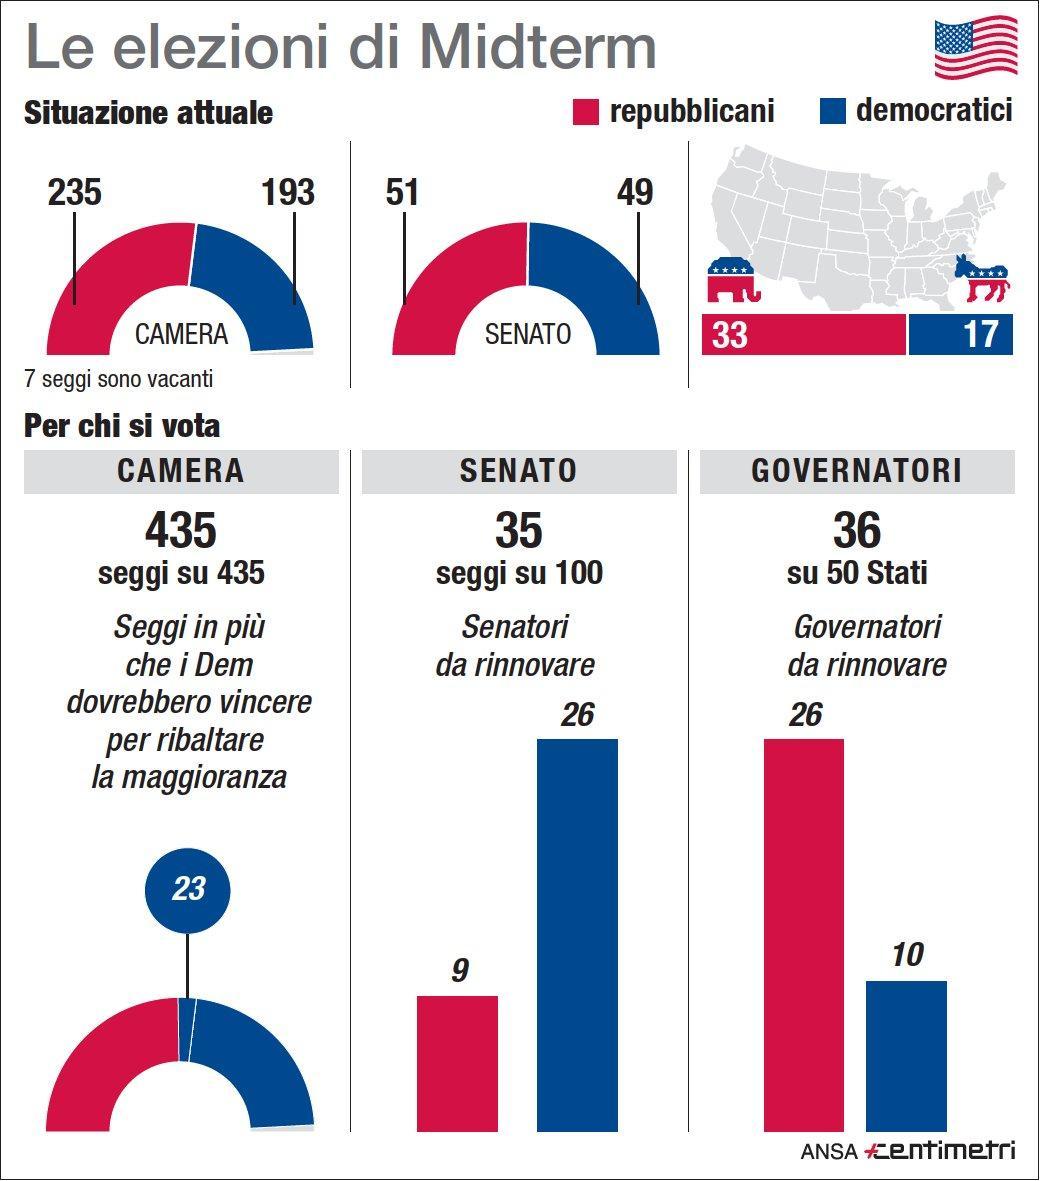 Elezioni di Midterm negli Usa: tutti i numeri